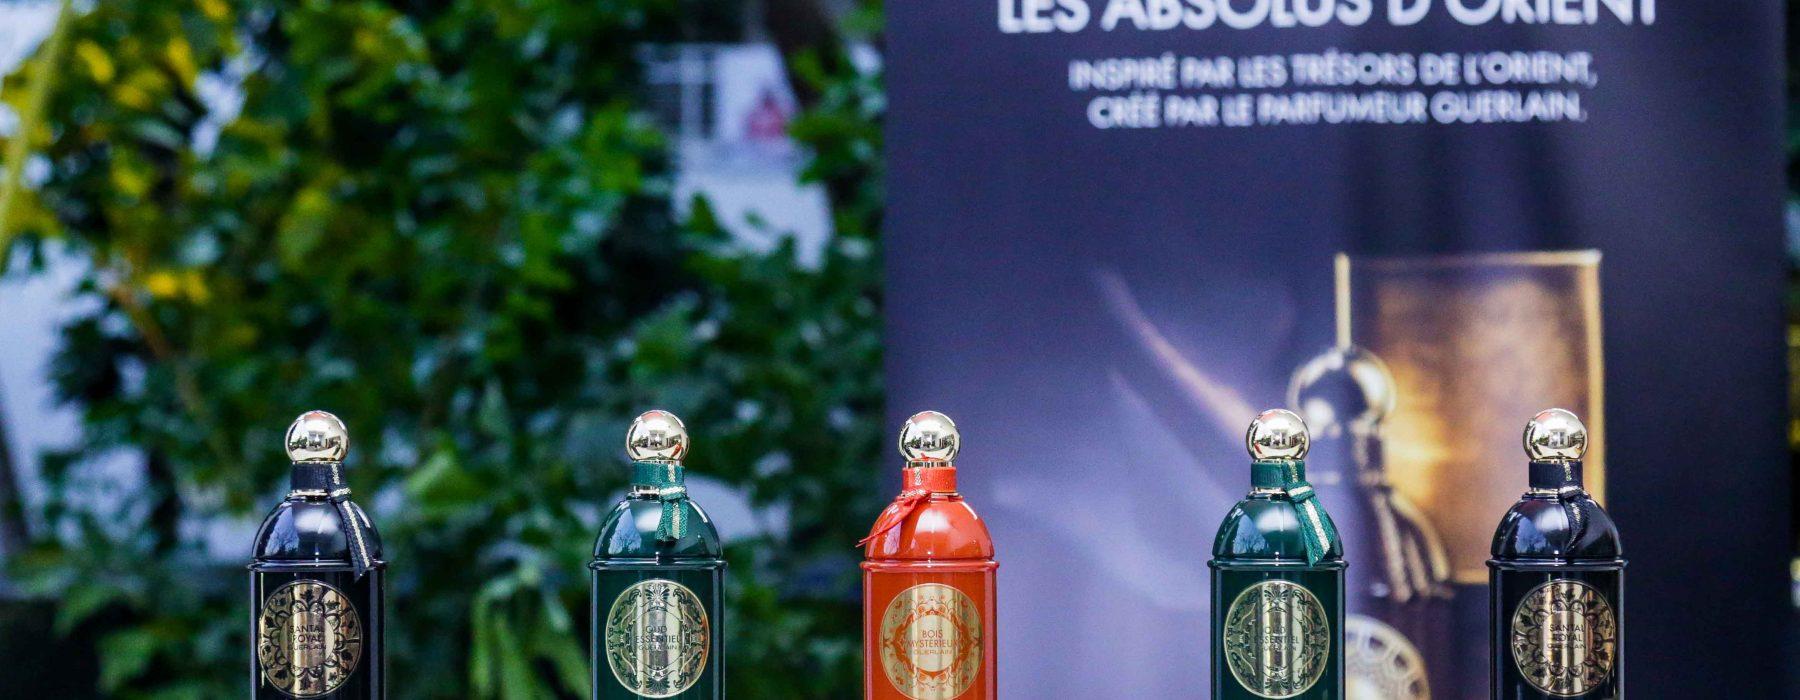 [Event] Guerlain se présente à Abidjan